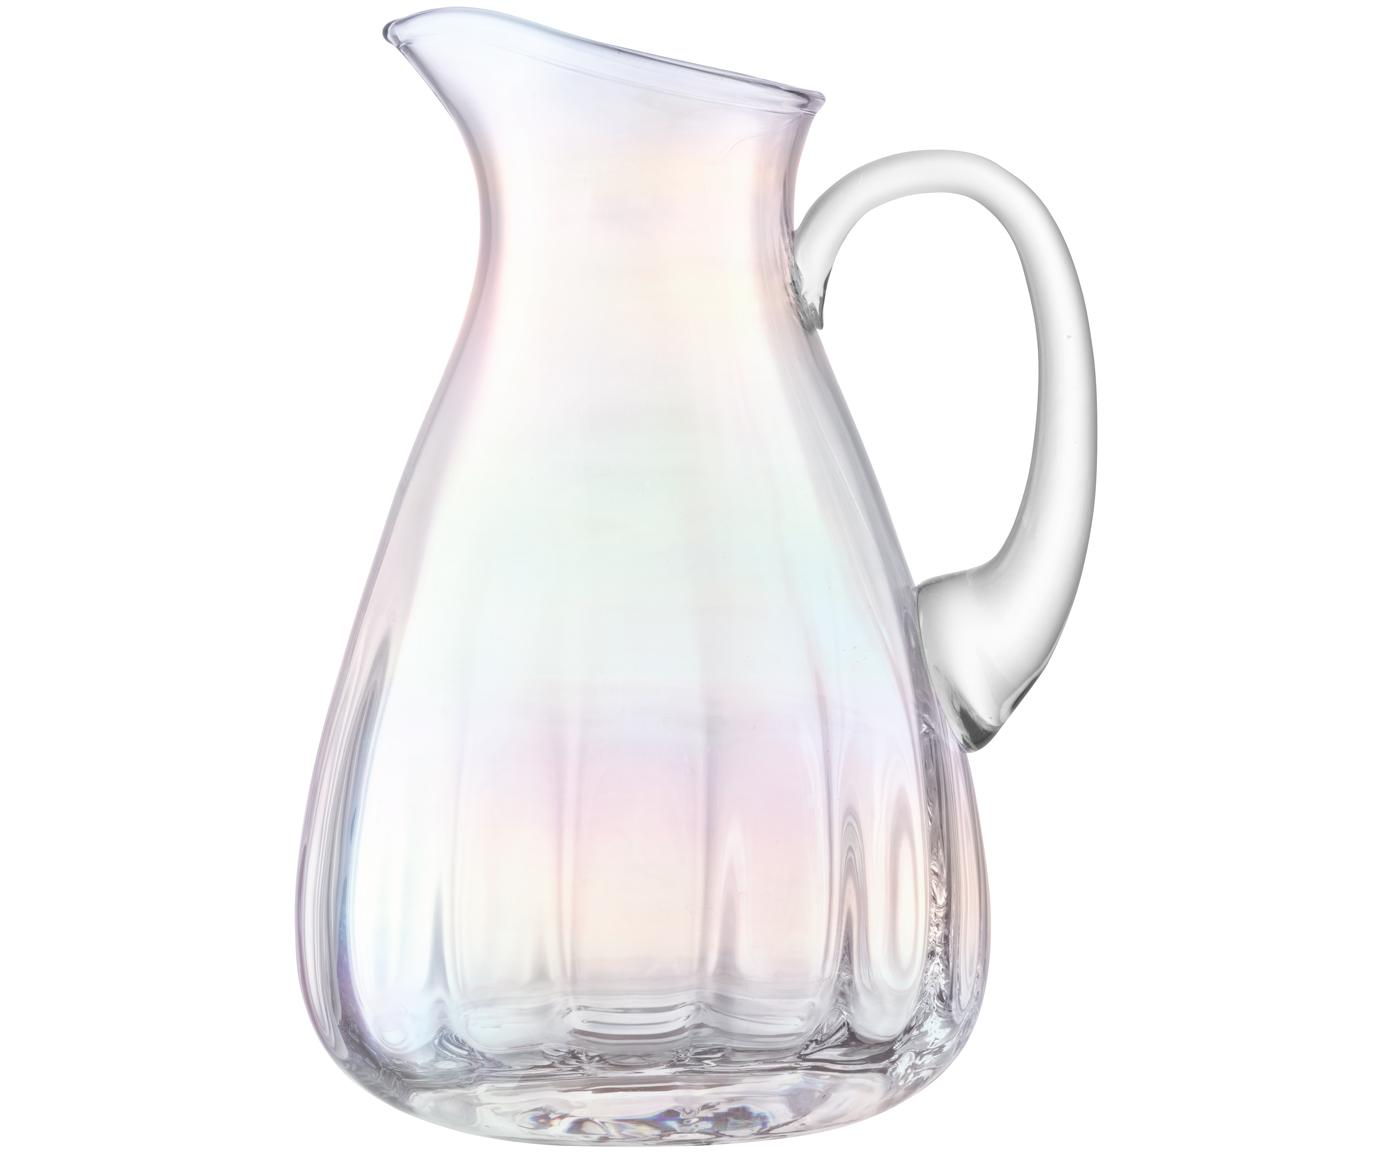 Mondgeblazen karaf Pearl, Glas, Parelglans, 2.2 L